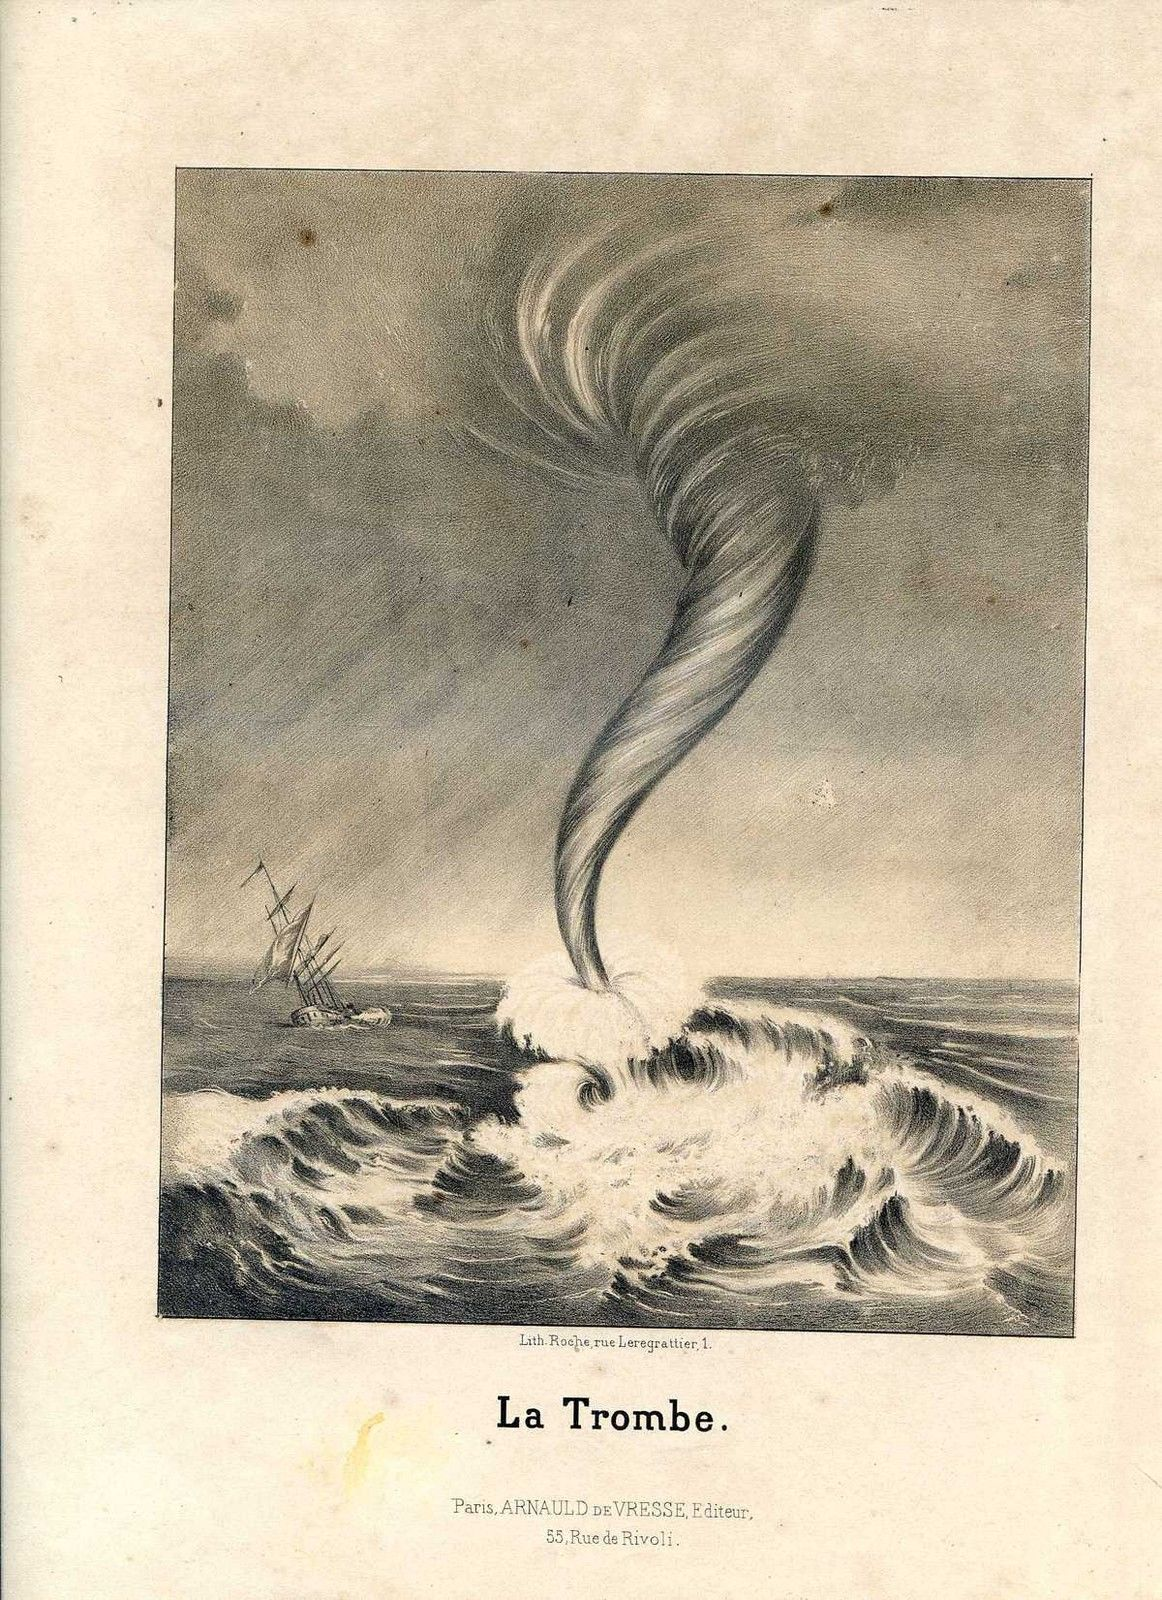 """A depiction of a waterspout from """" Les Curiosités et les merveilles de la nature """" (Curiosities and natural wonders) (1869).  source:Munerelle, 1869: Les Curiosités et les Merveilles de la Nature . Dessins par Lemaitre, Arnaud de Vresse, Paris,141 pp."""